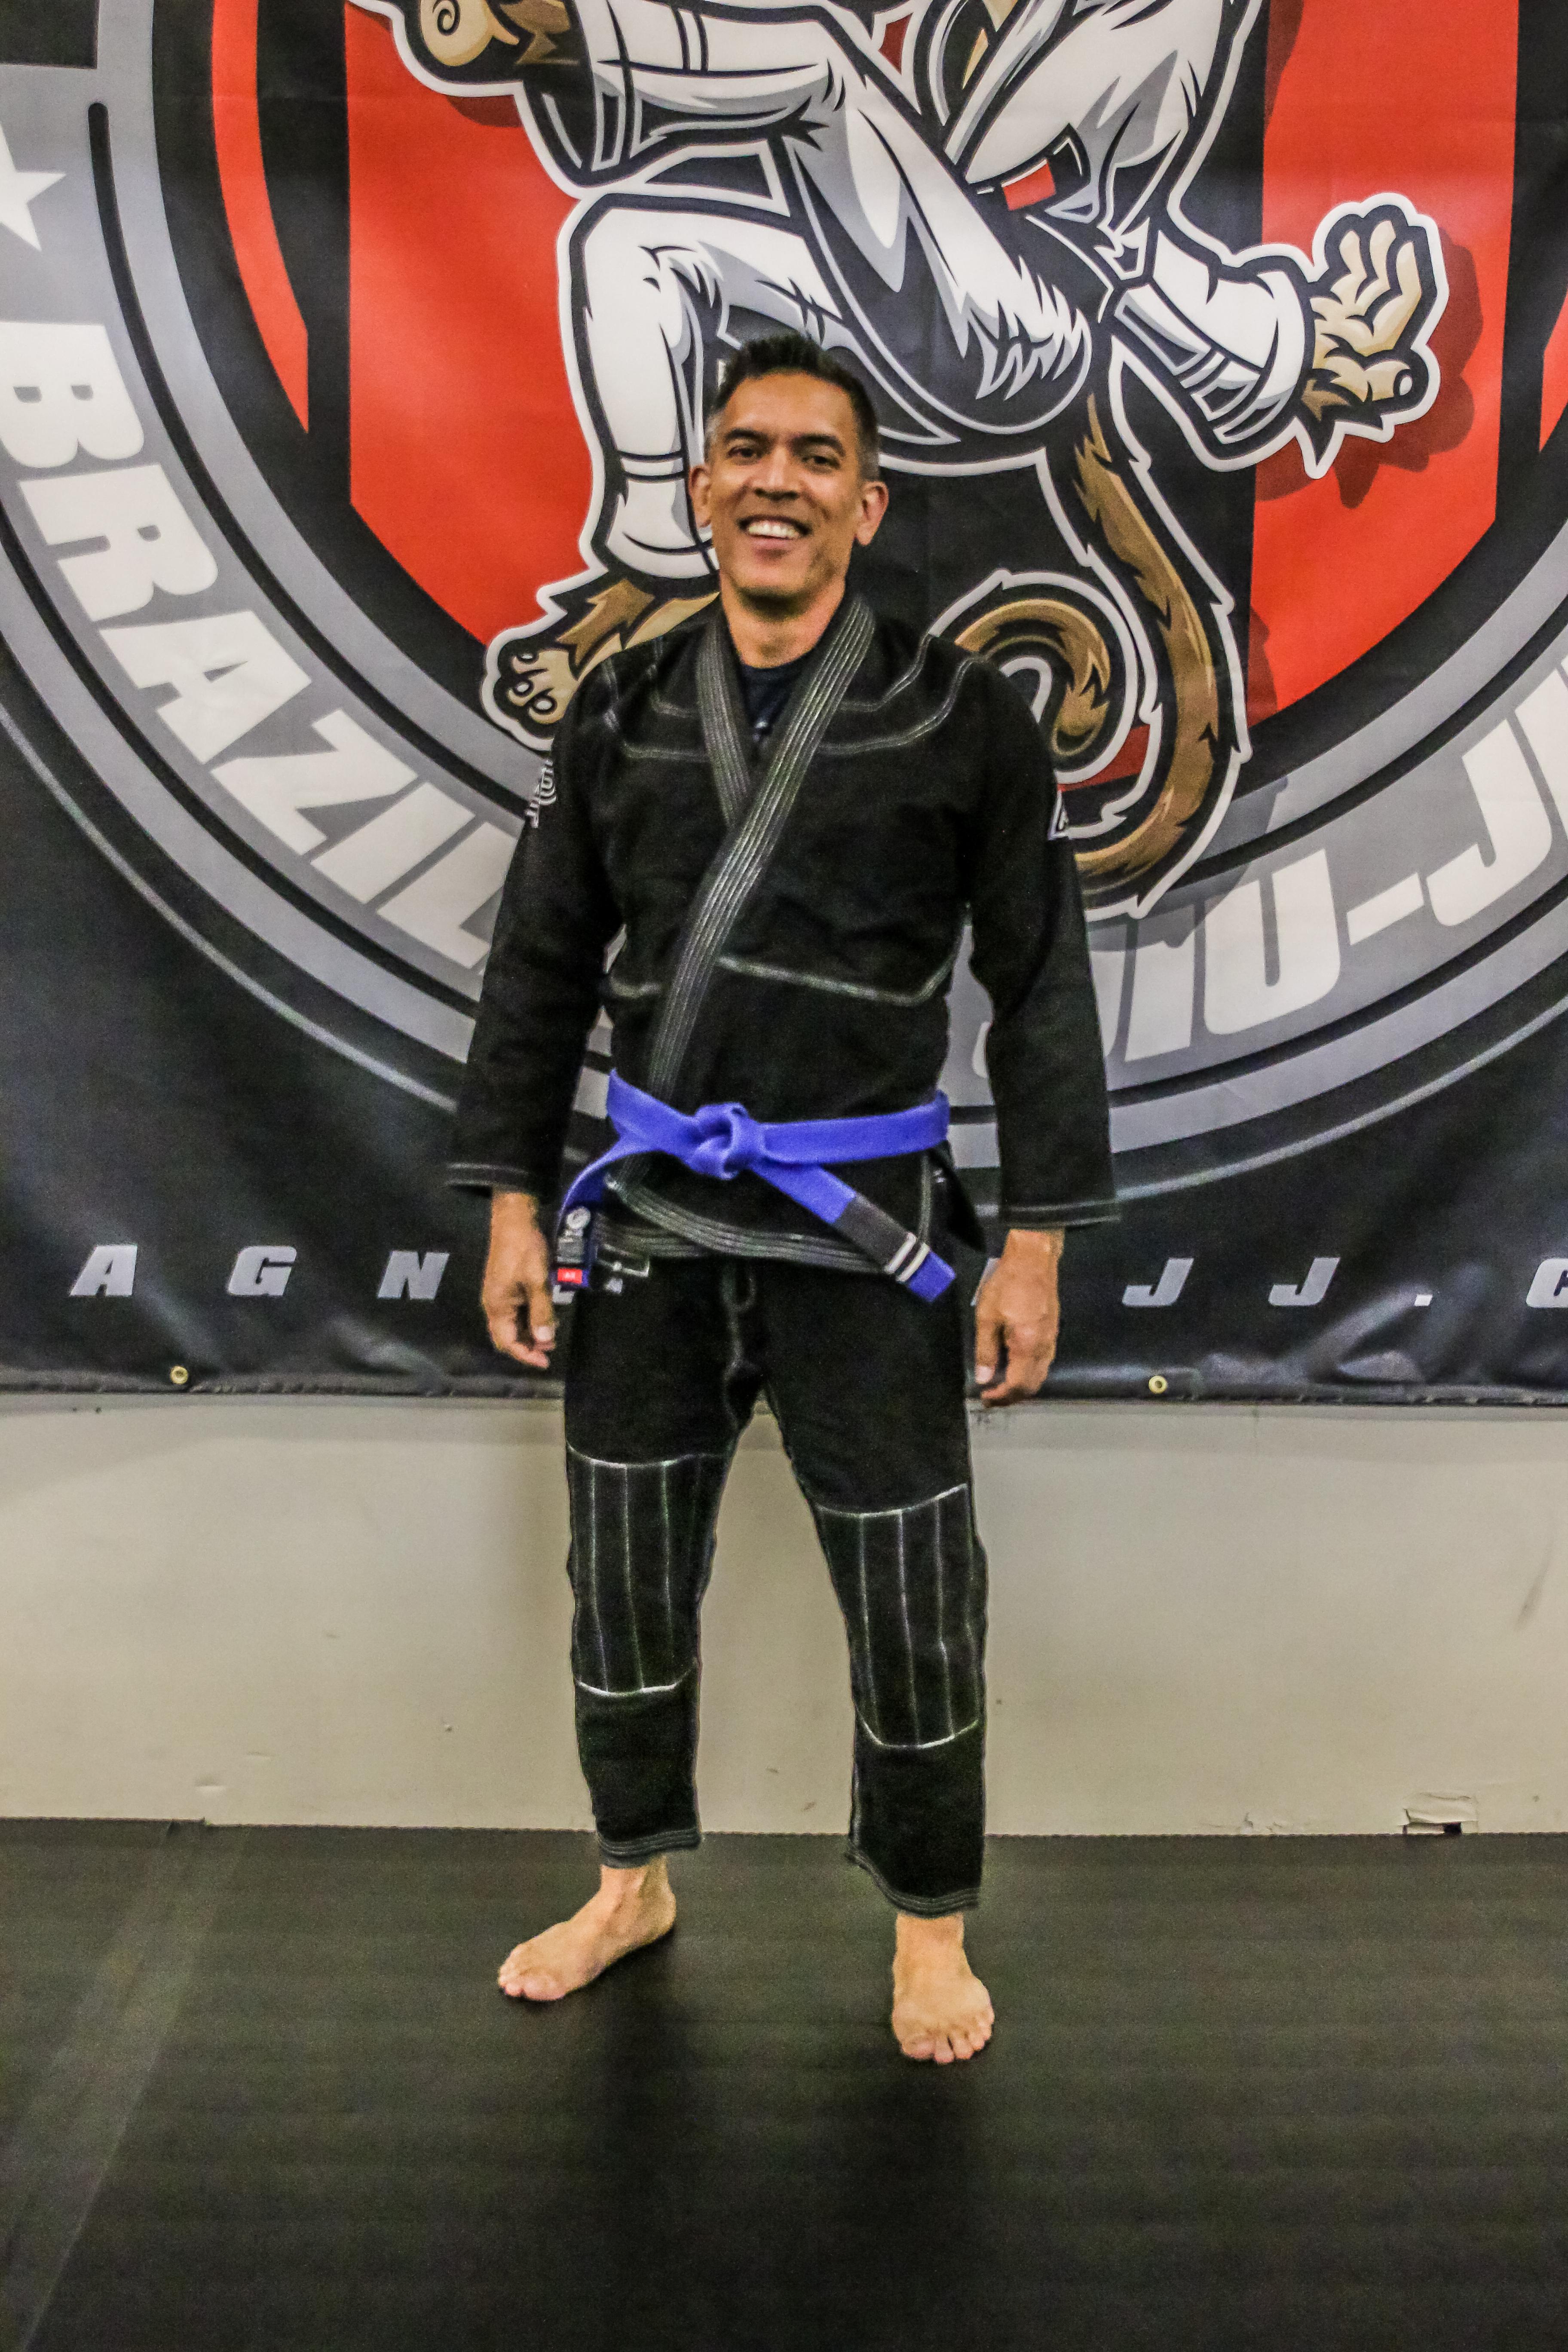 Jiu-Jitsu is a great workout!